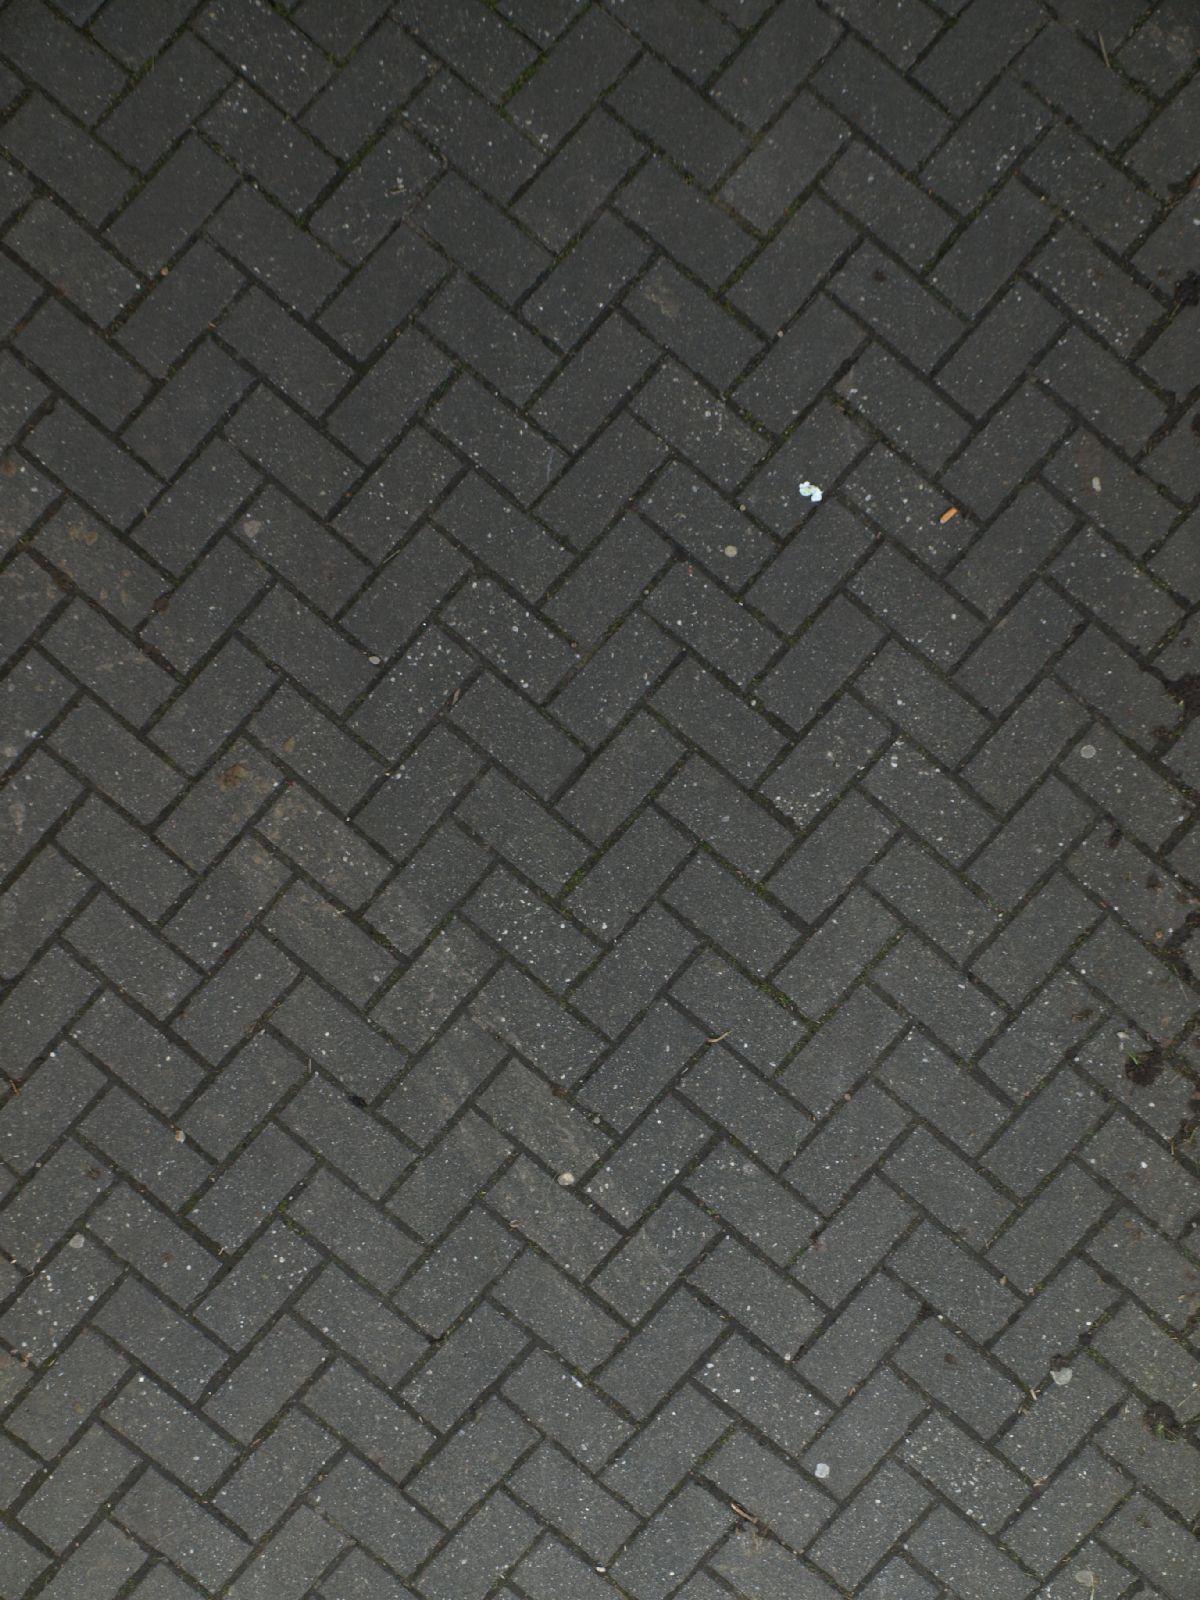 Ground-Urban_Texture_A_P4171287